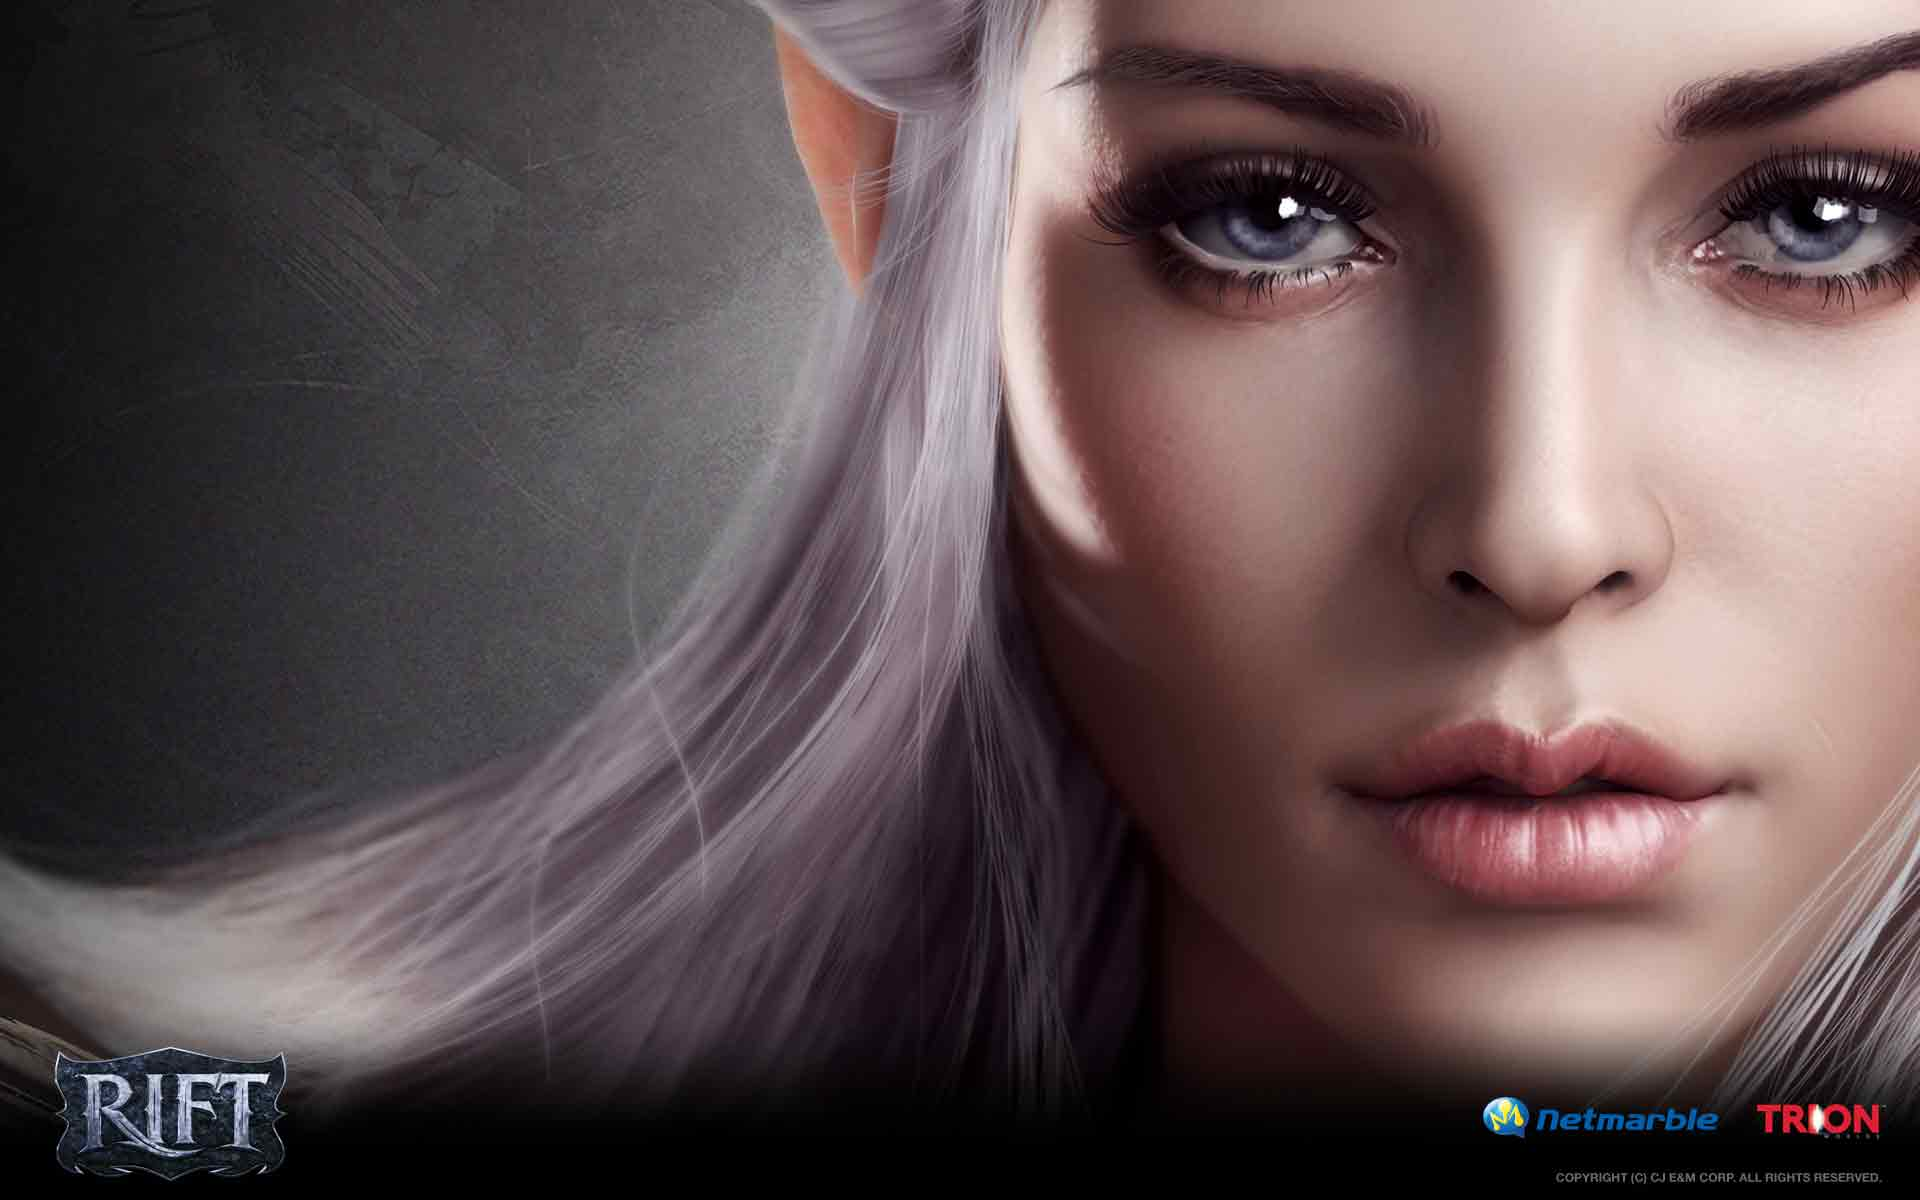 RIFT games fantasy elf girl warrior poster g wallpaper background 1920x1200